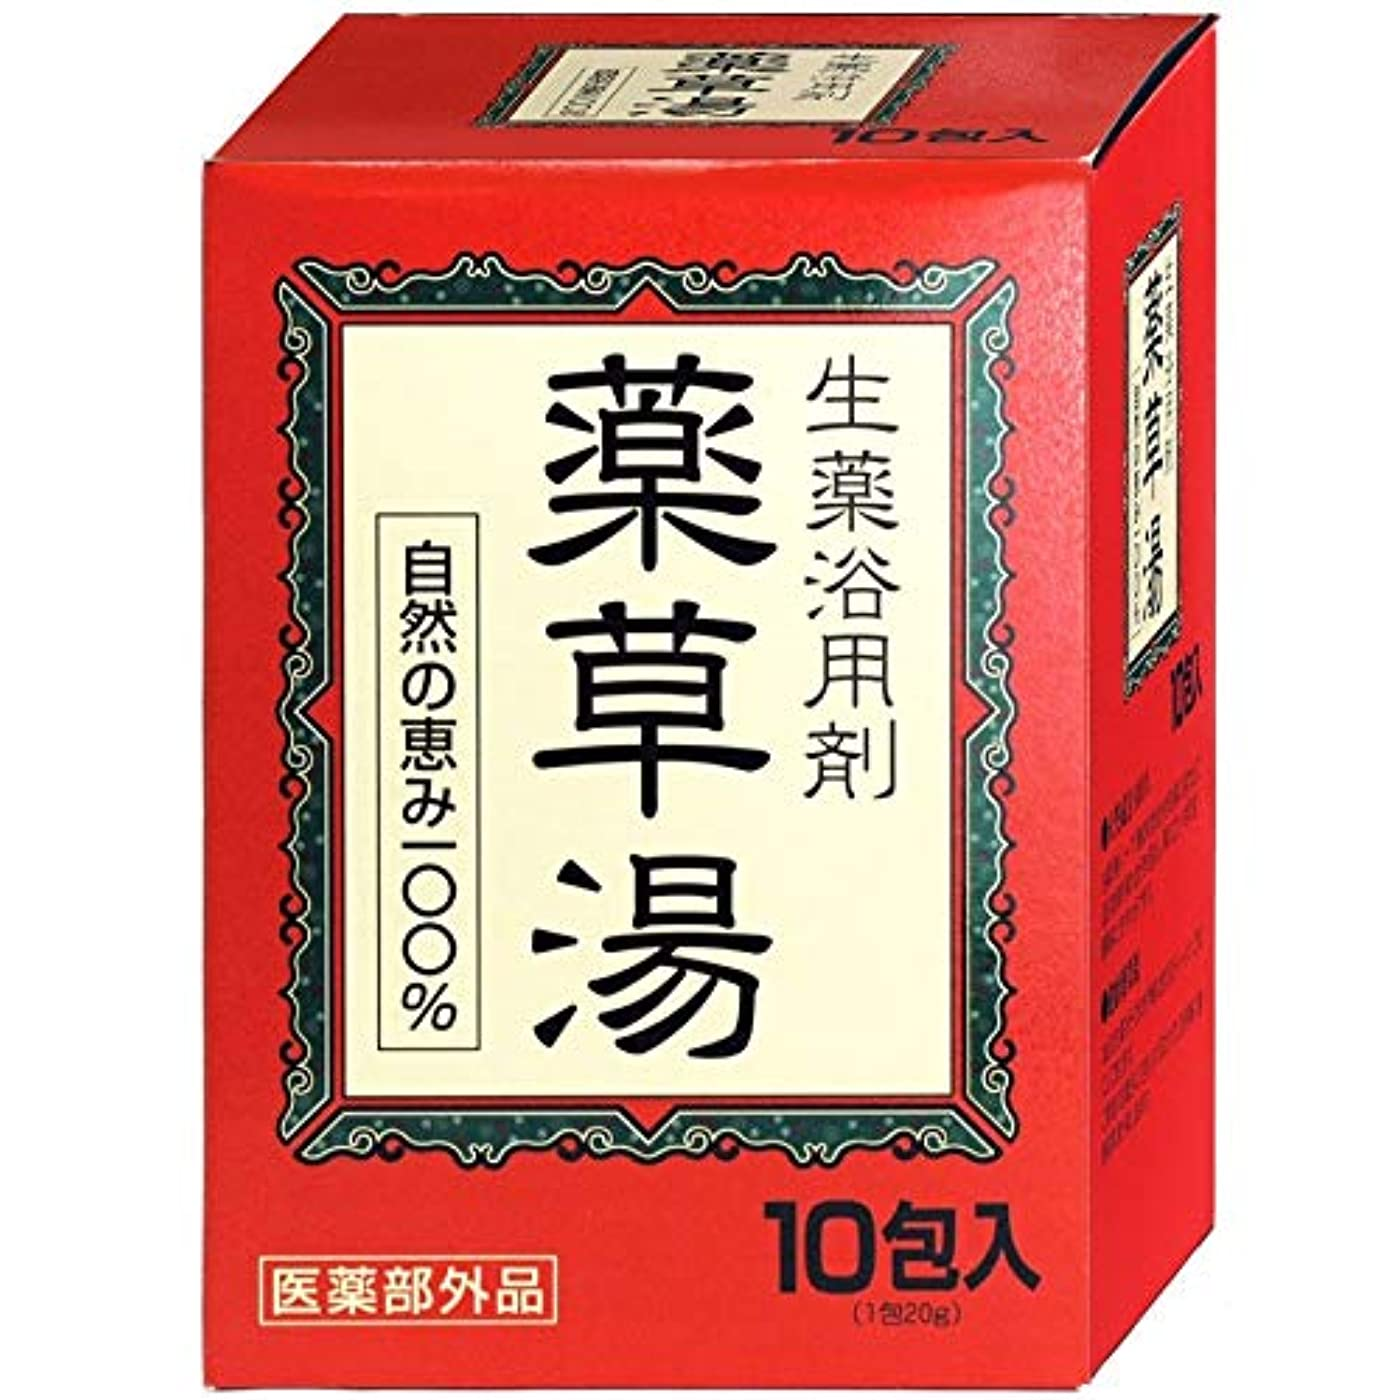 生むキネマティクス五月VVN生薬入浴剤薬草湯10包×(10セット)